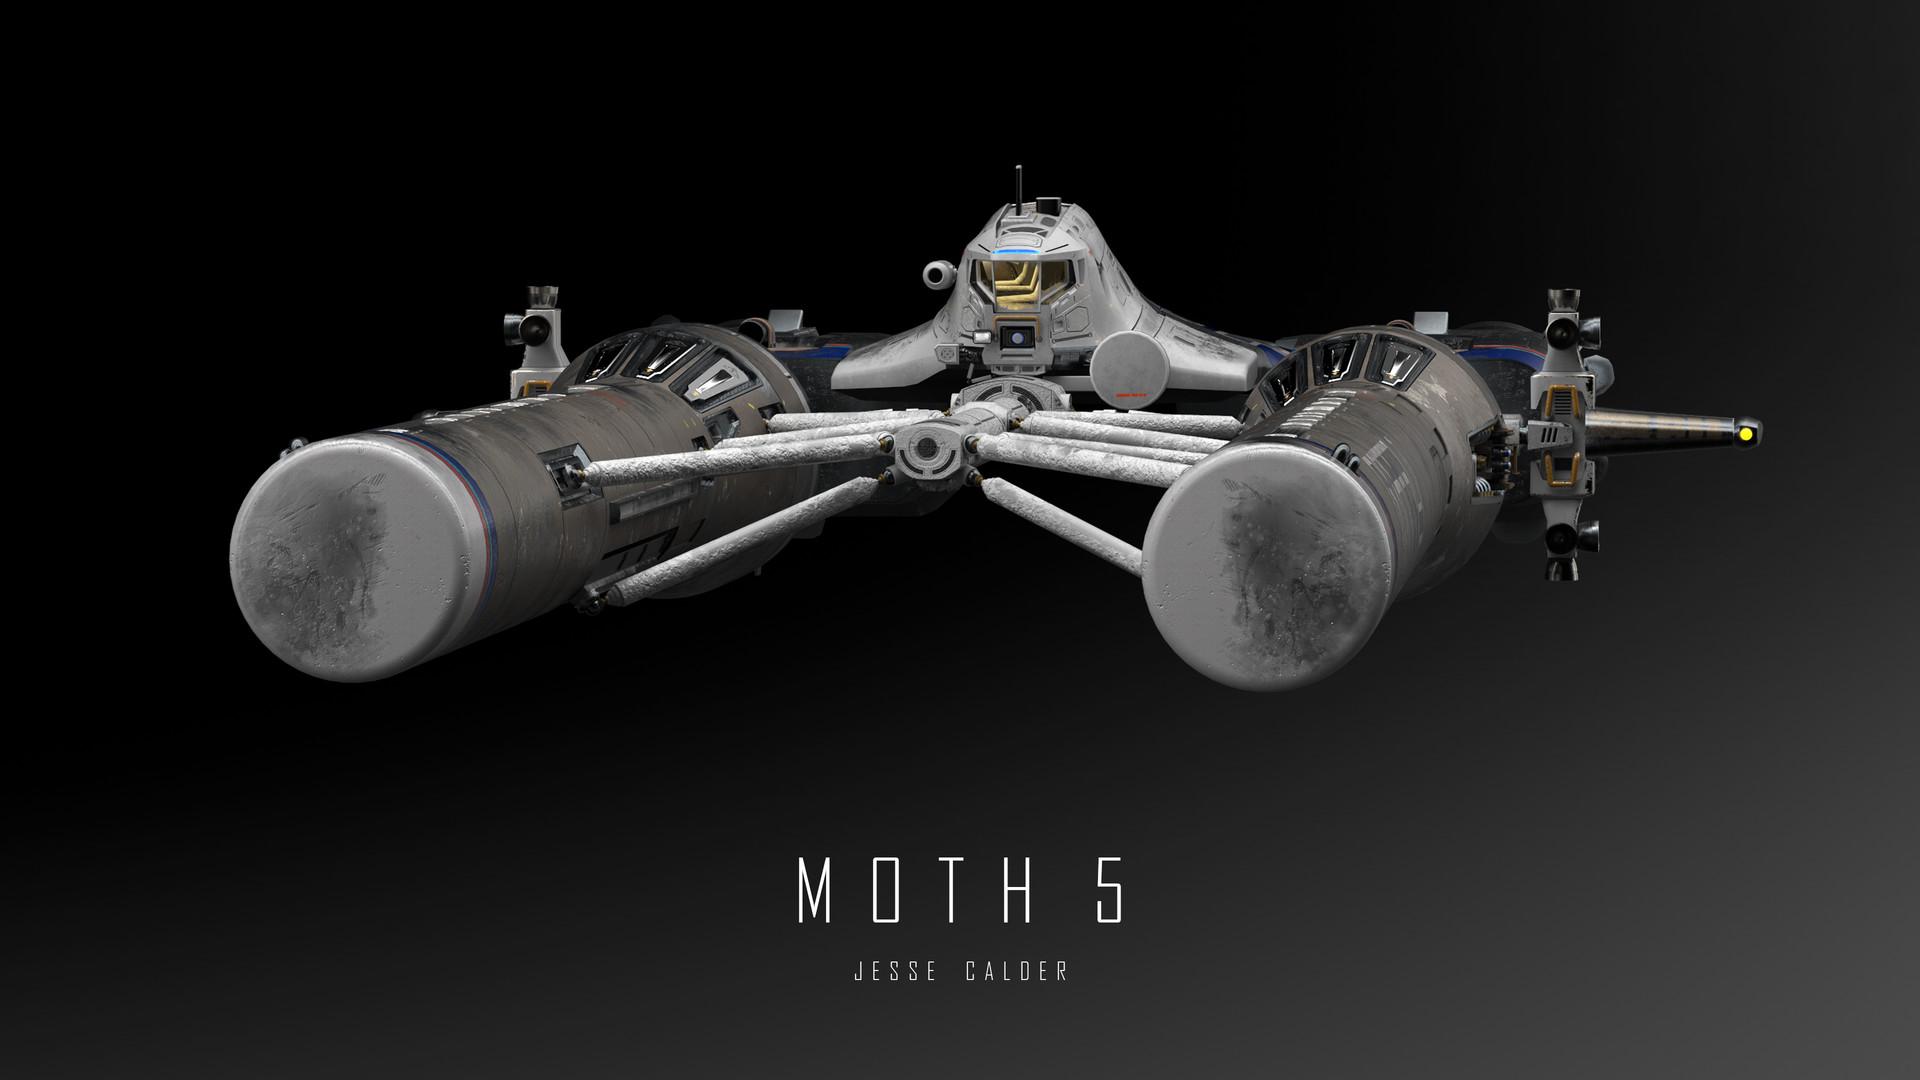 Jesse calder moth render 053 titled